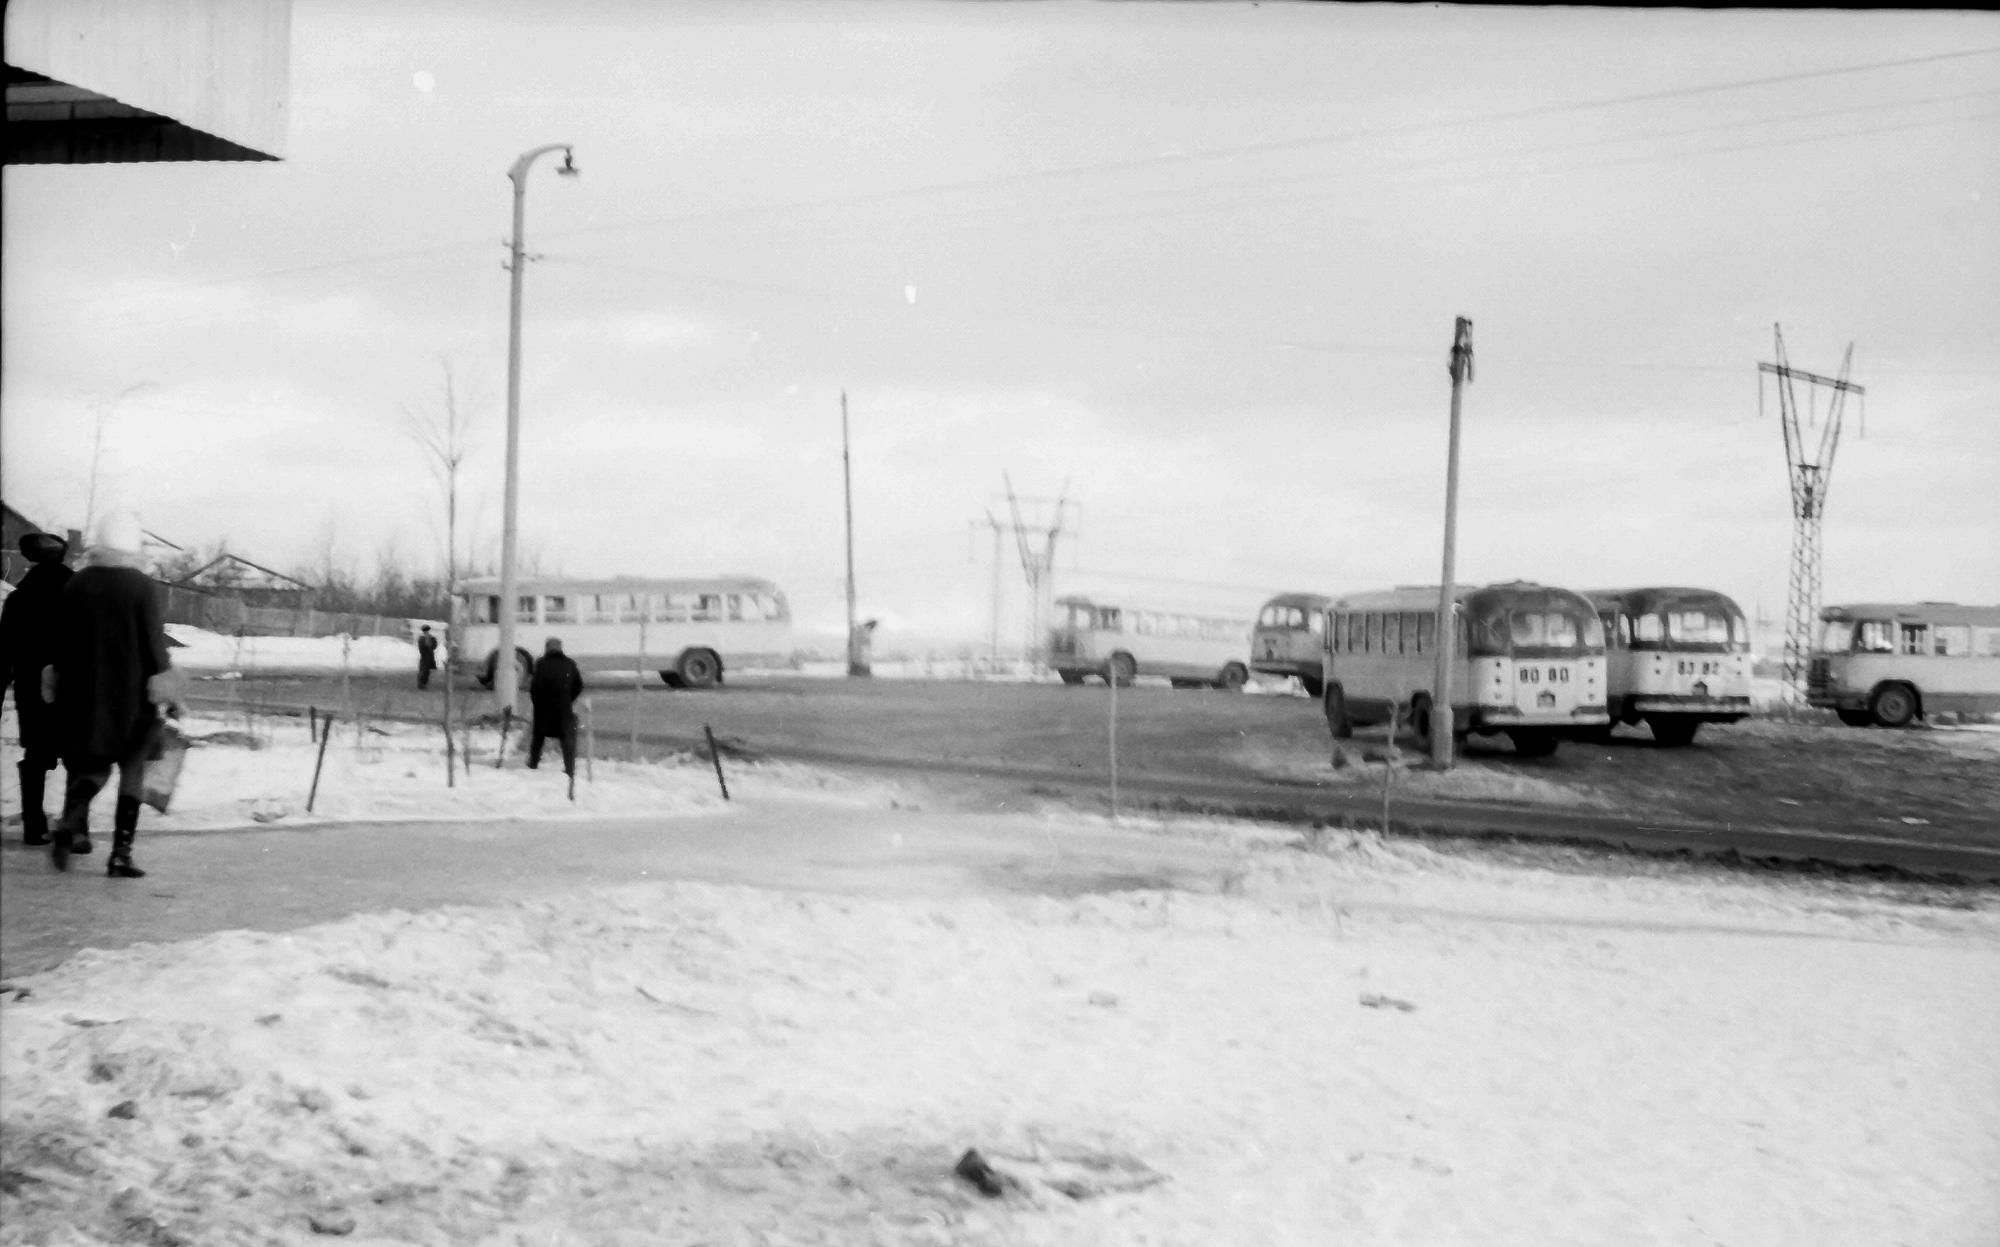 1971 Конечная автобусная остановка на Озерной (маршруты 120 и кажется 208), напротив дома 26, чуть видно козырек от магазина, сейчас там Пятерочка